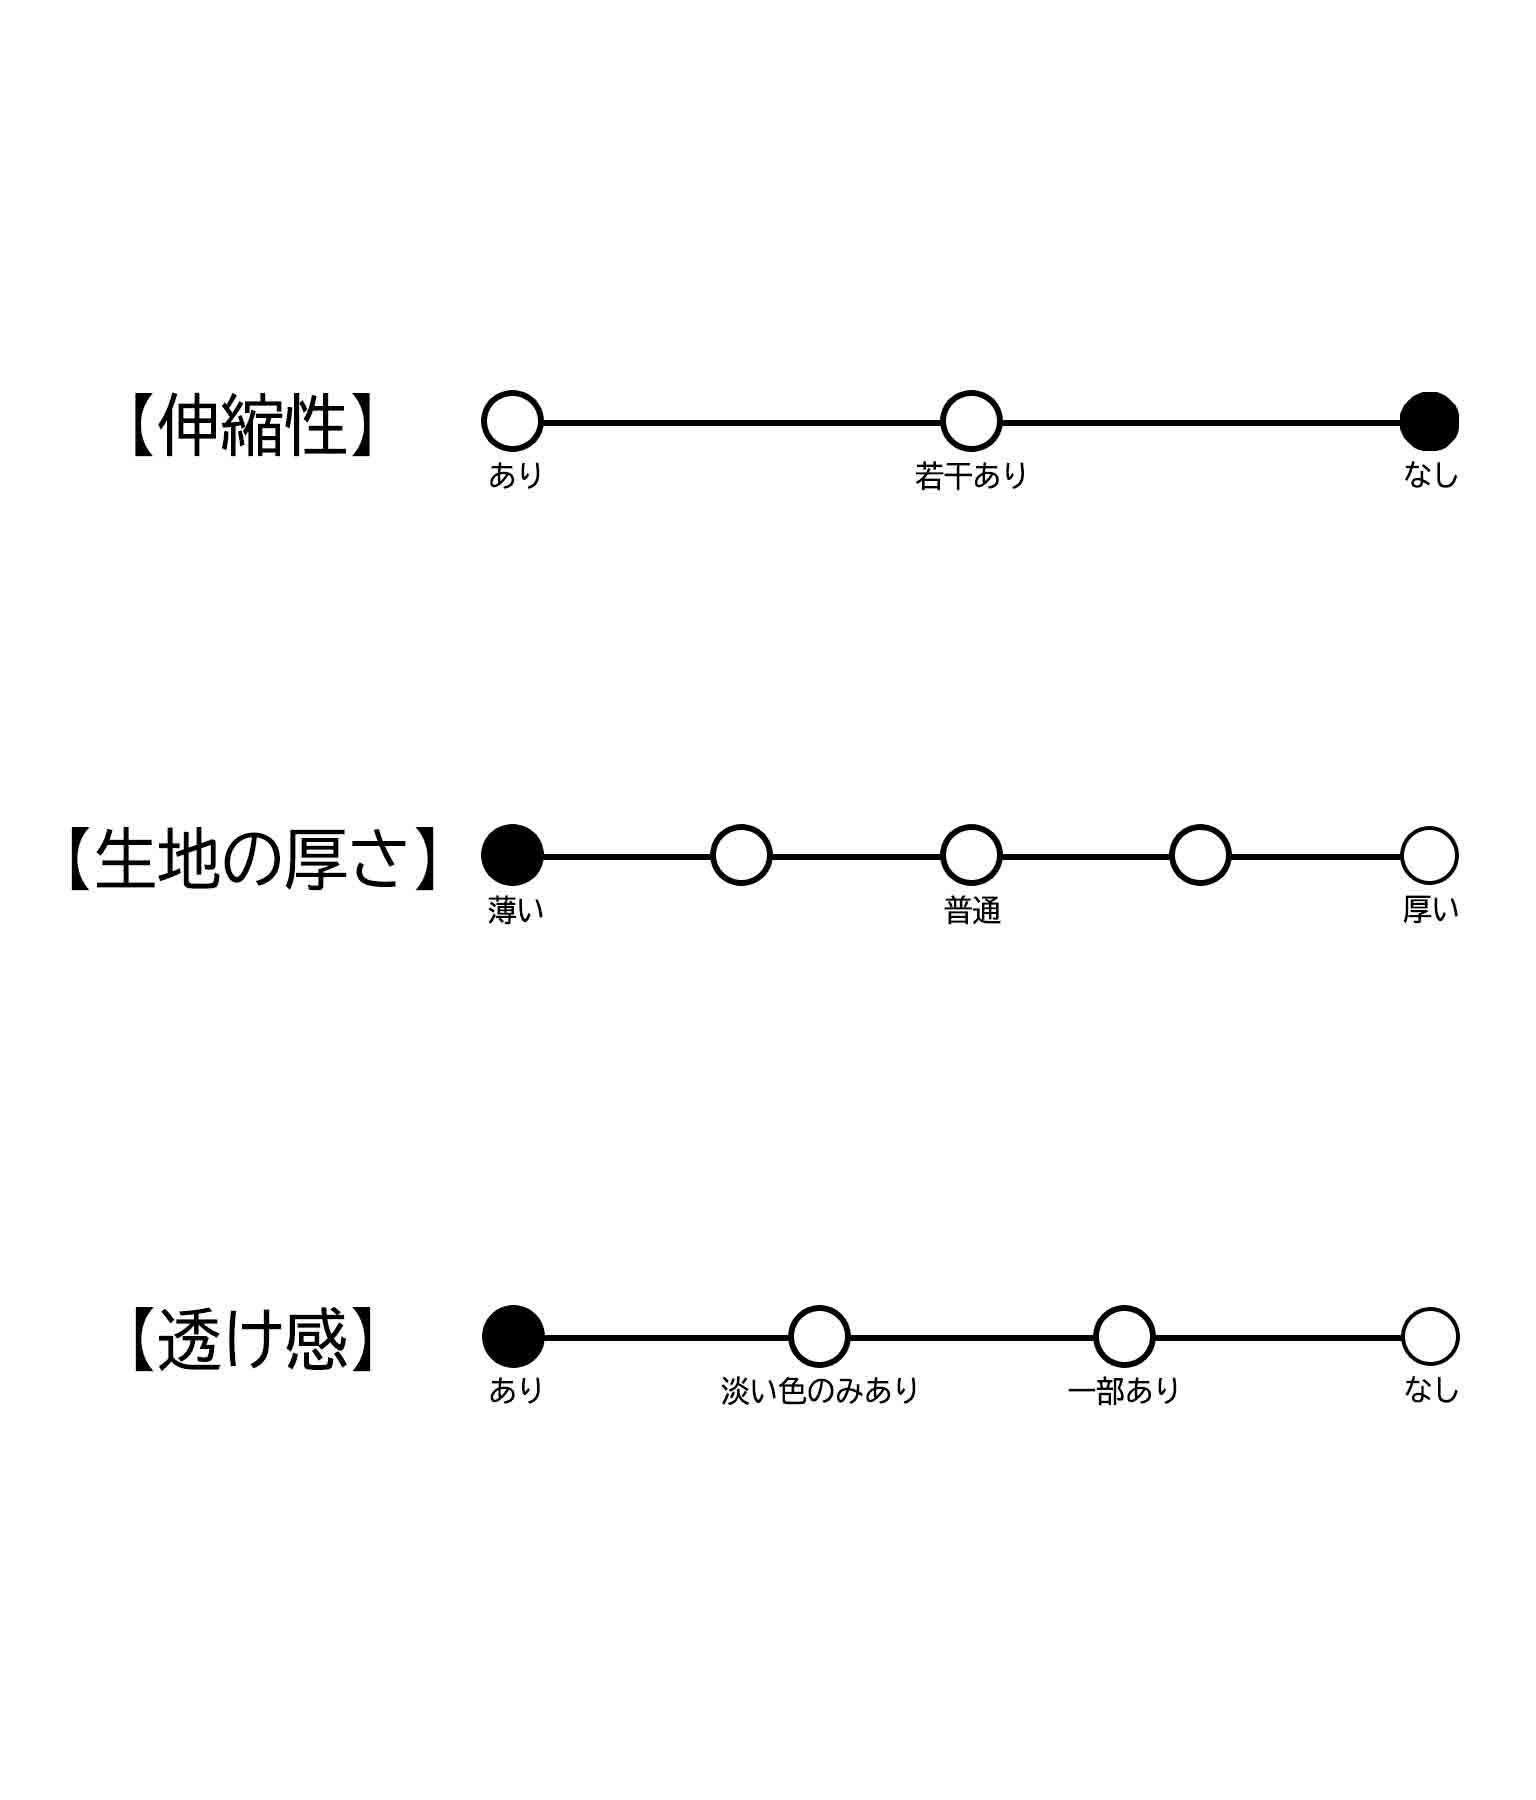 楊柳キャミソール付きカーディガン(トップス/カーディガン) | anap mimpi